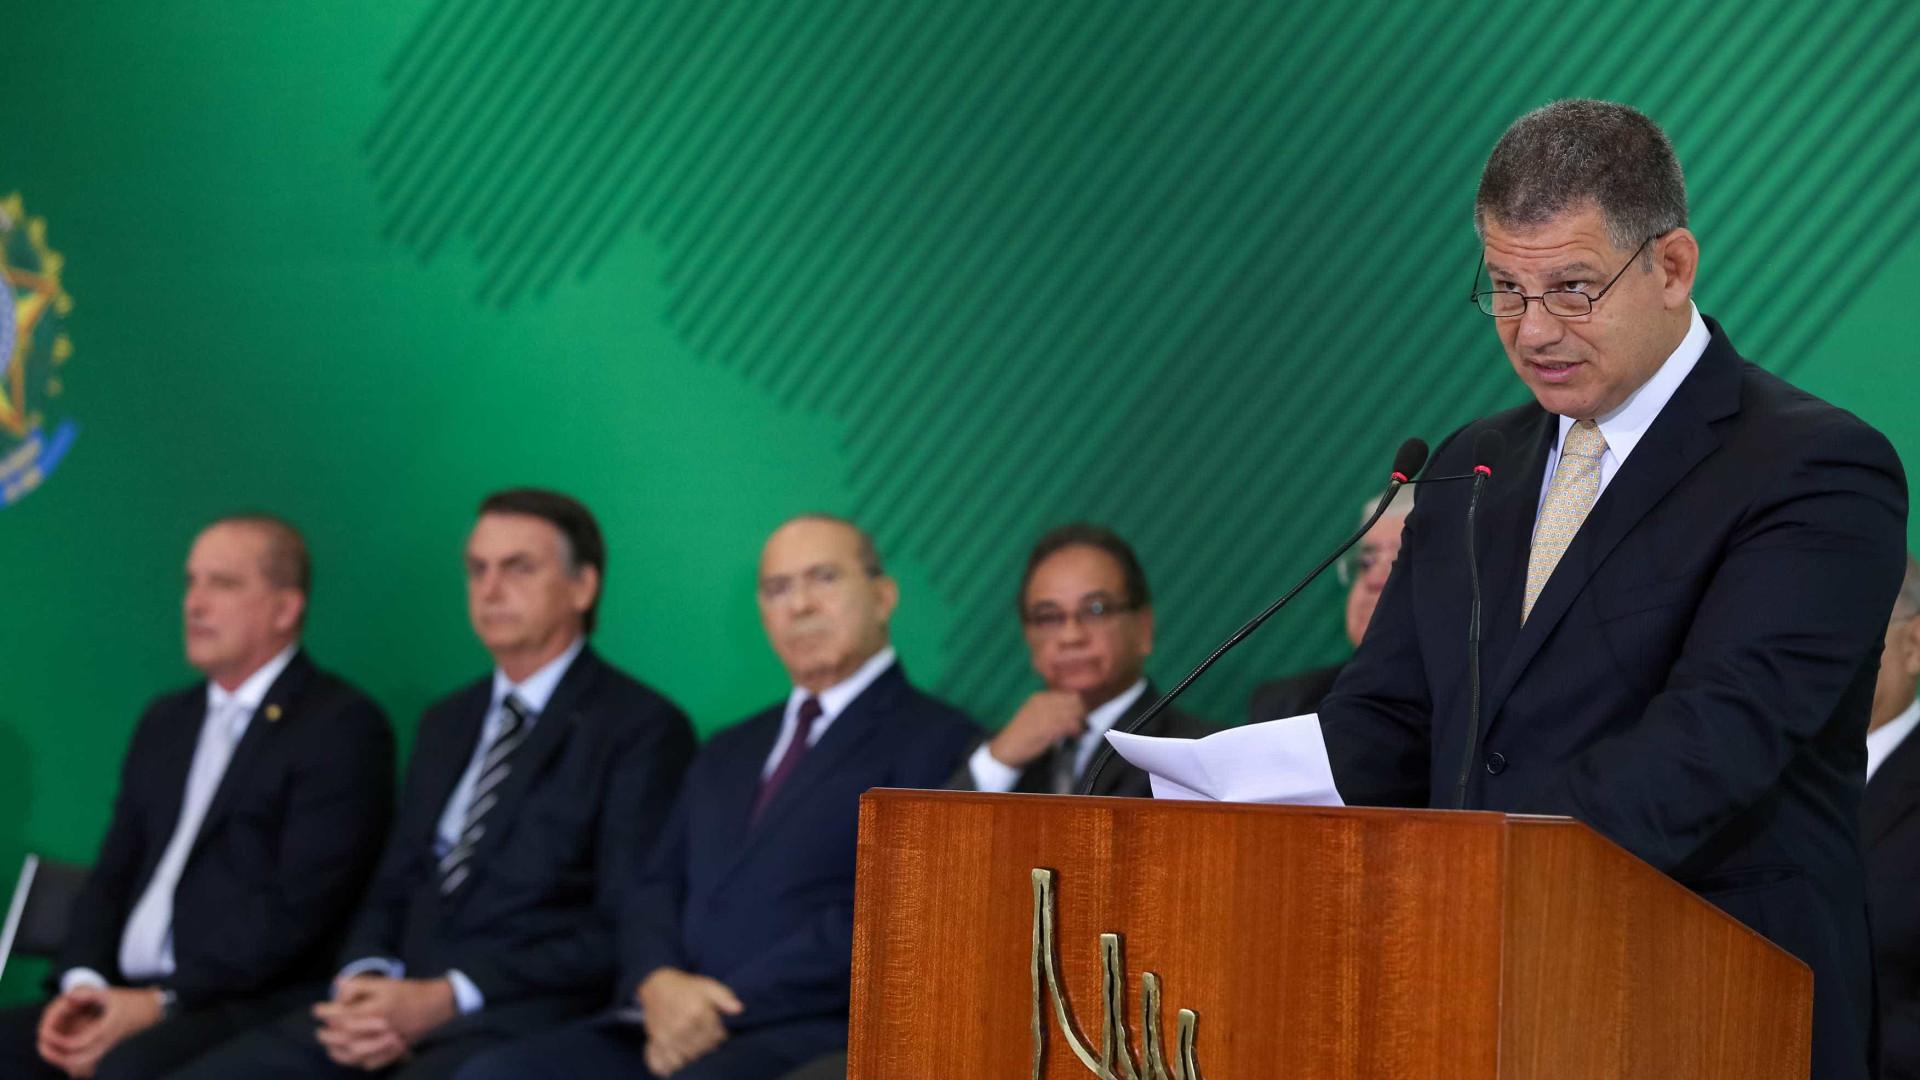 Bebianno diz que se arrependeu de apoiar Bolsonaro: 'Fraco'